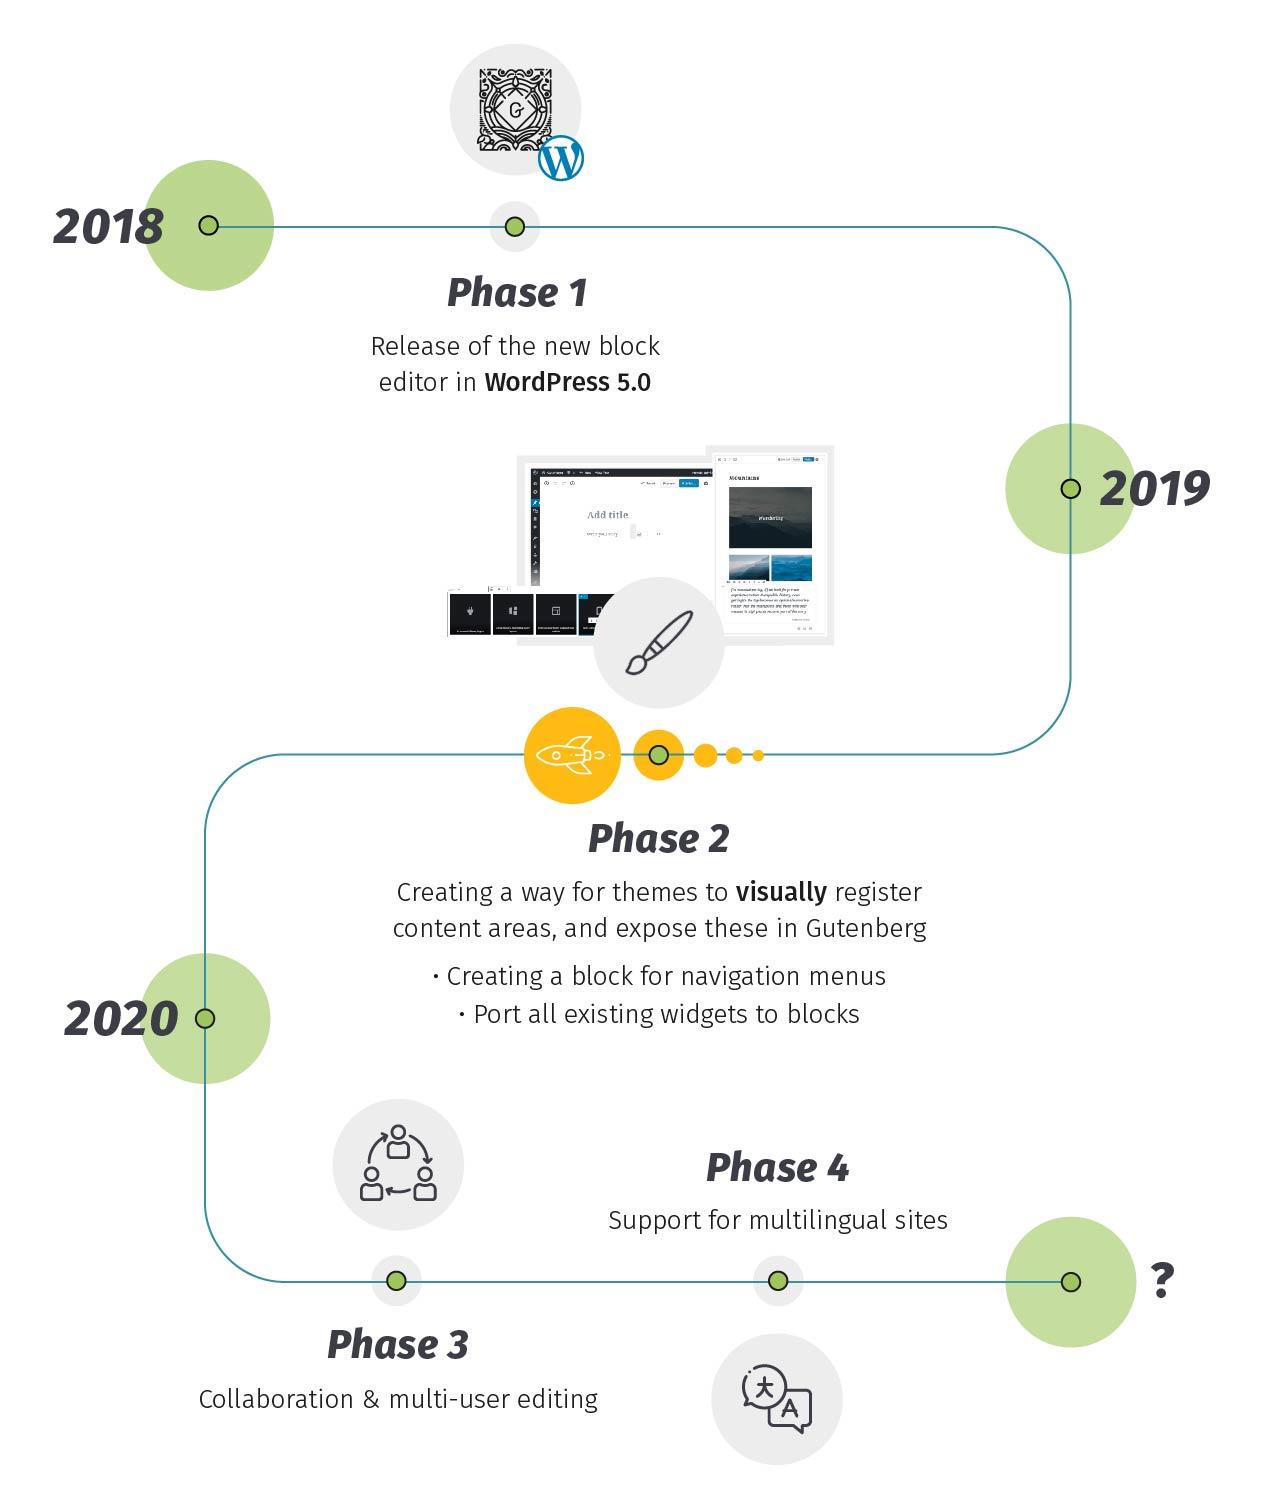 Eien Timeline der 4 Phasen von Gutenberg